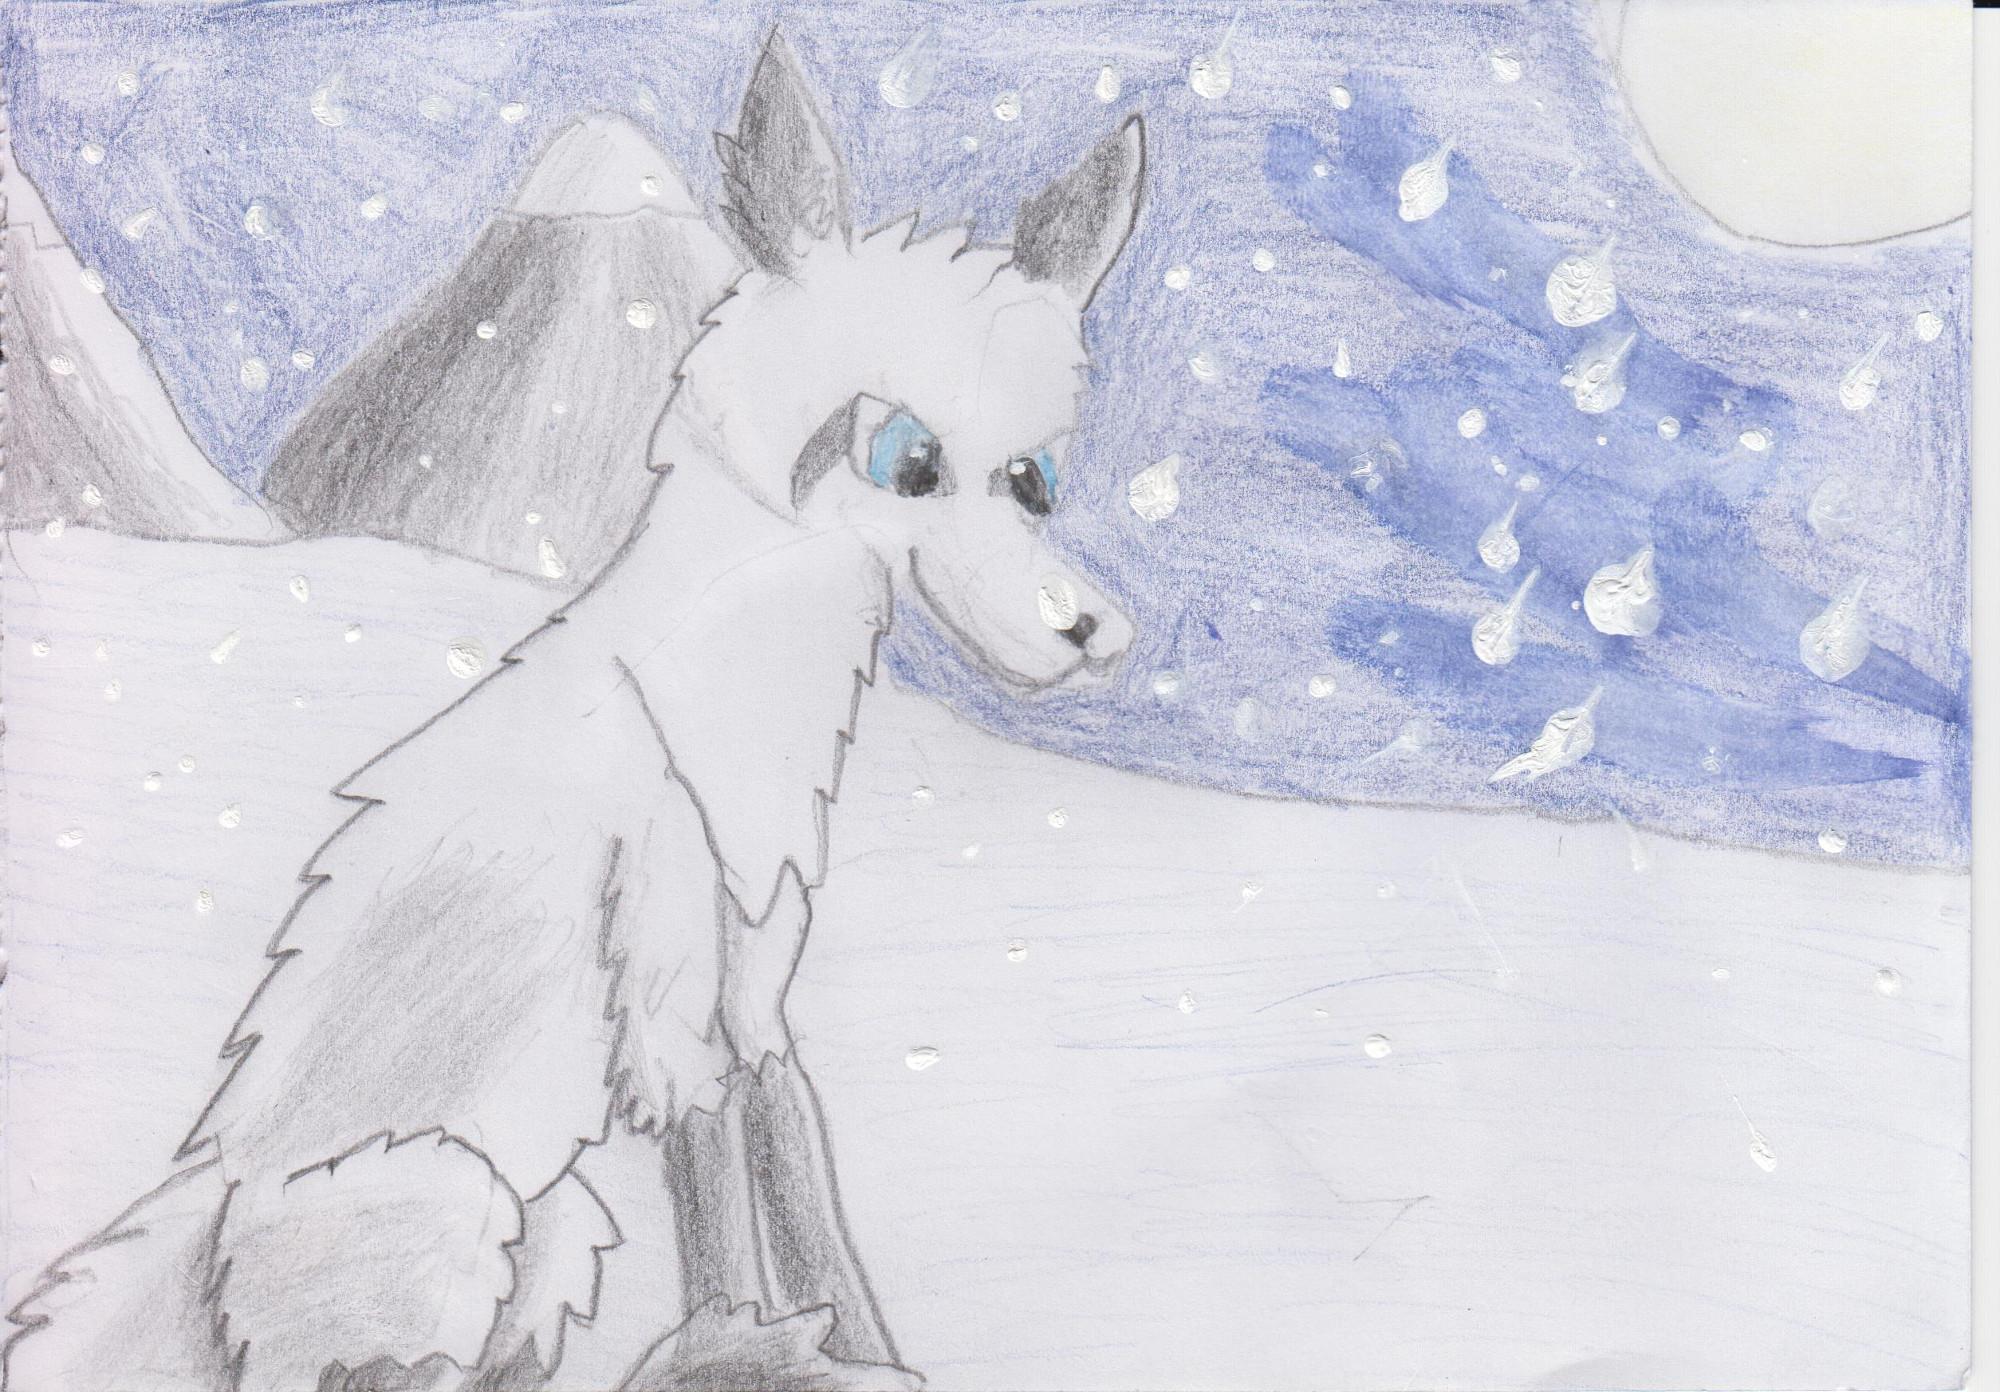 Pokémon-Zeichnung: Schneefüchschen